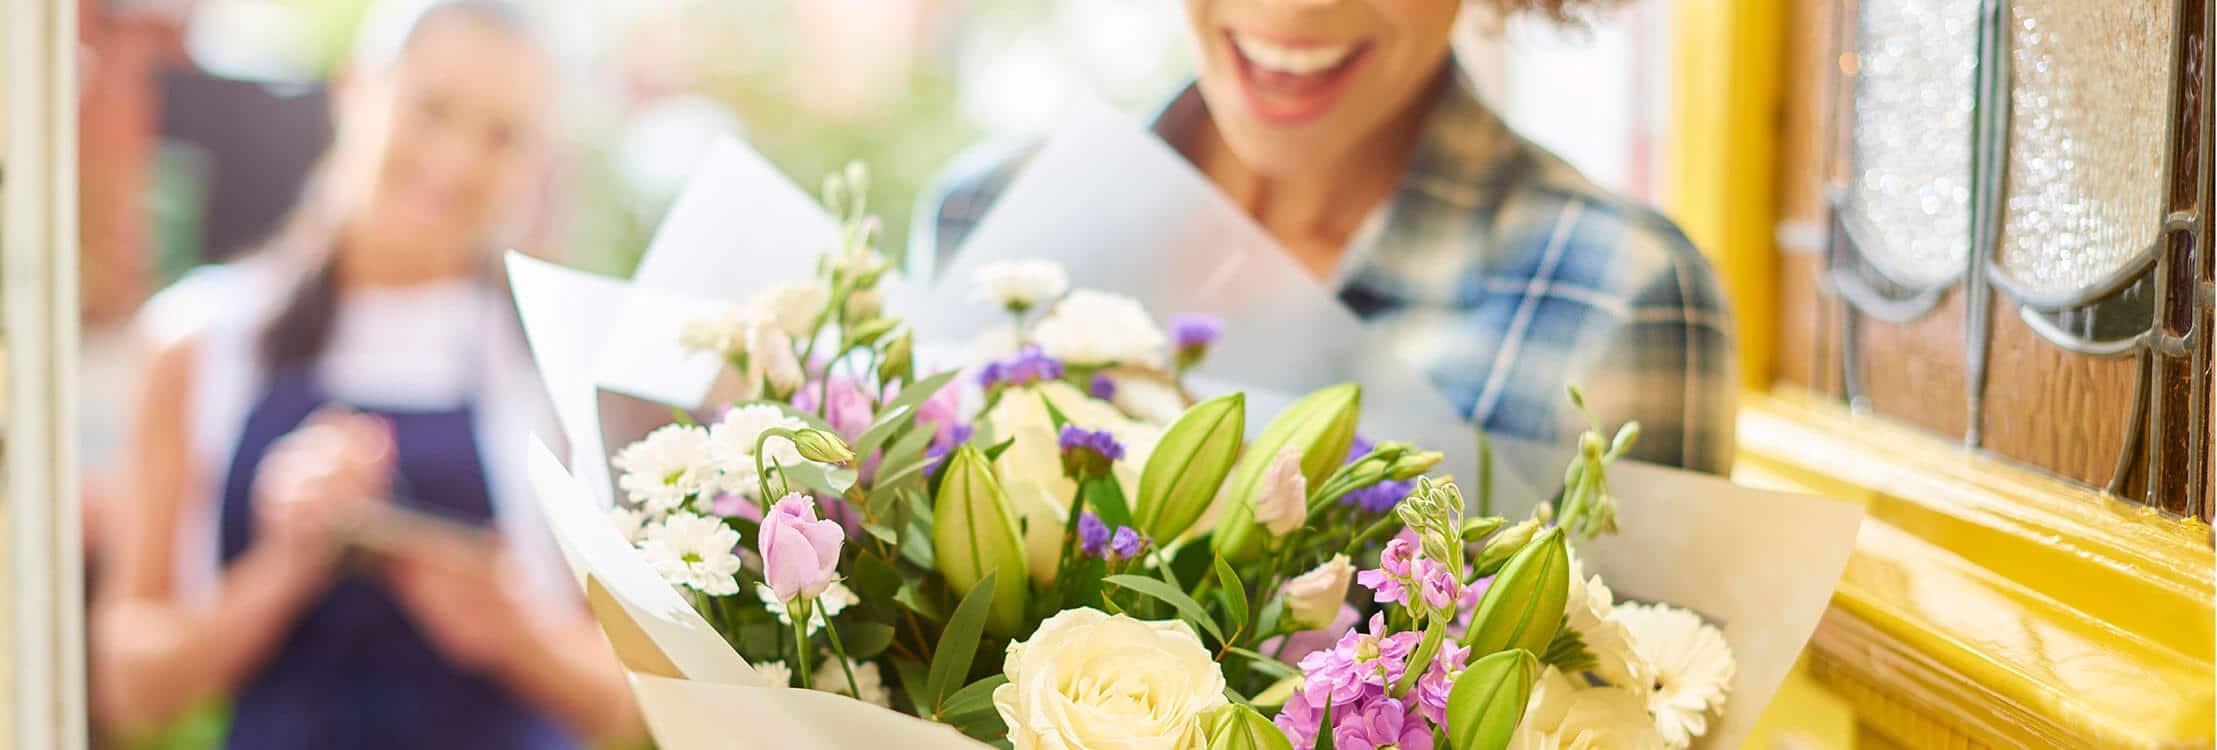 Acasă - flori cu livrare la tine acasă!